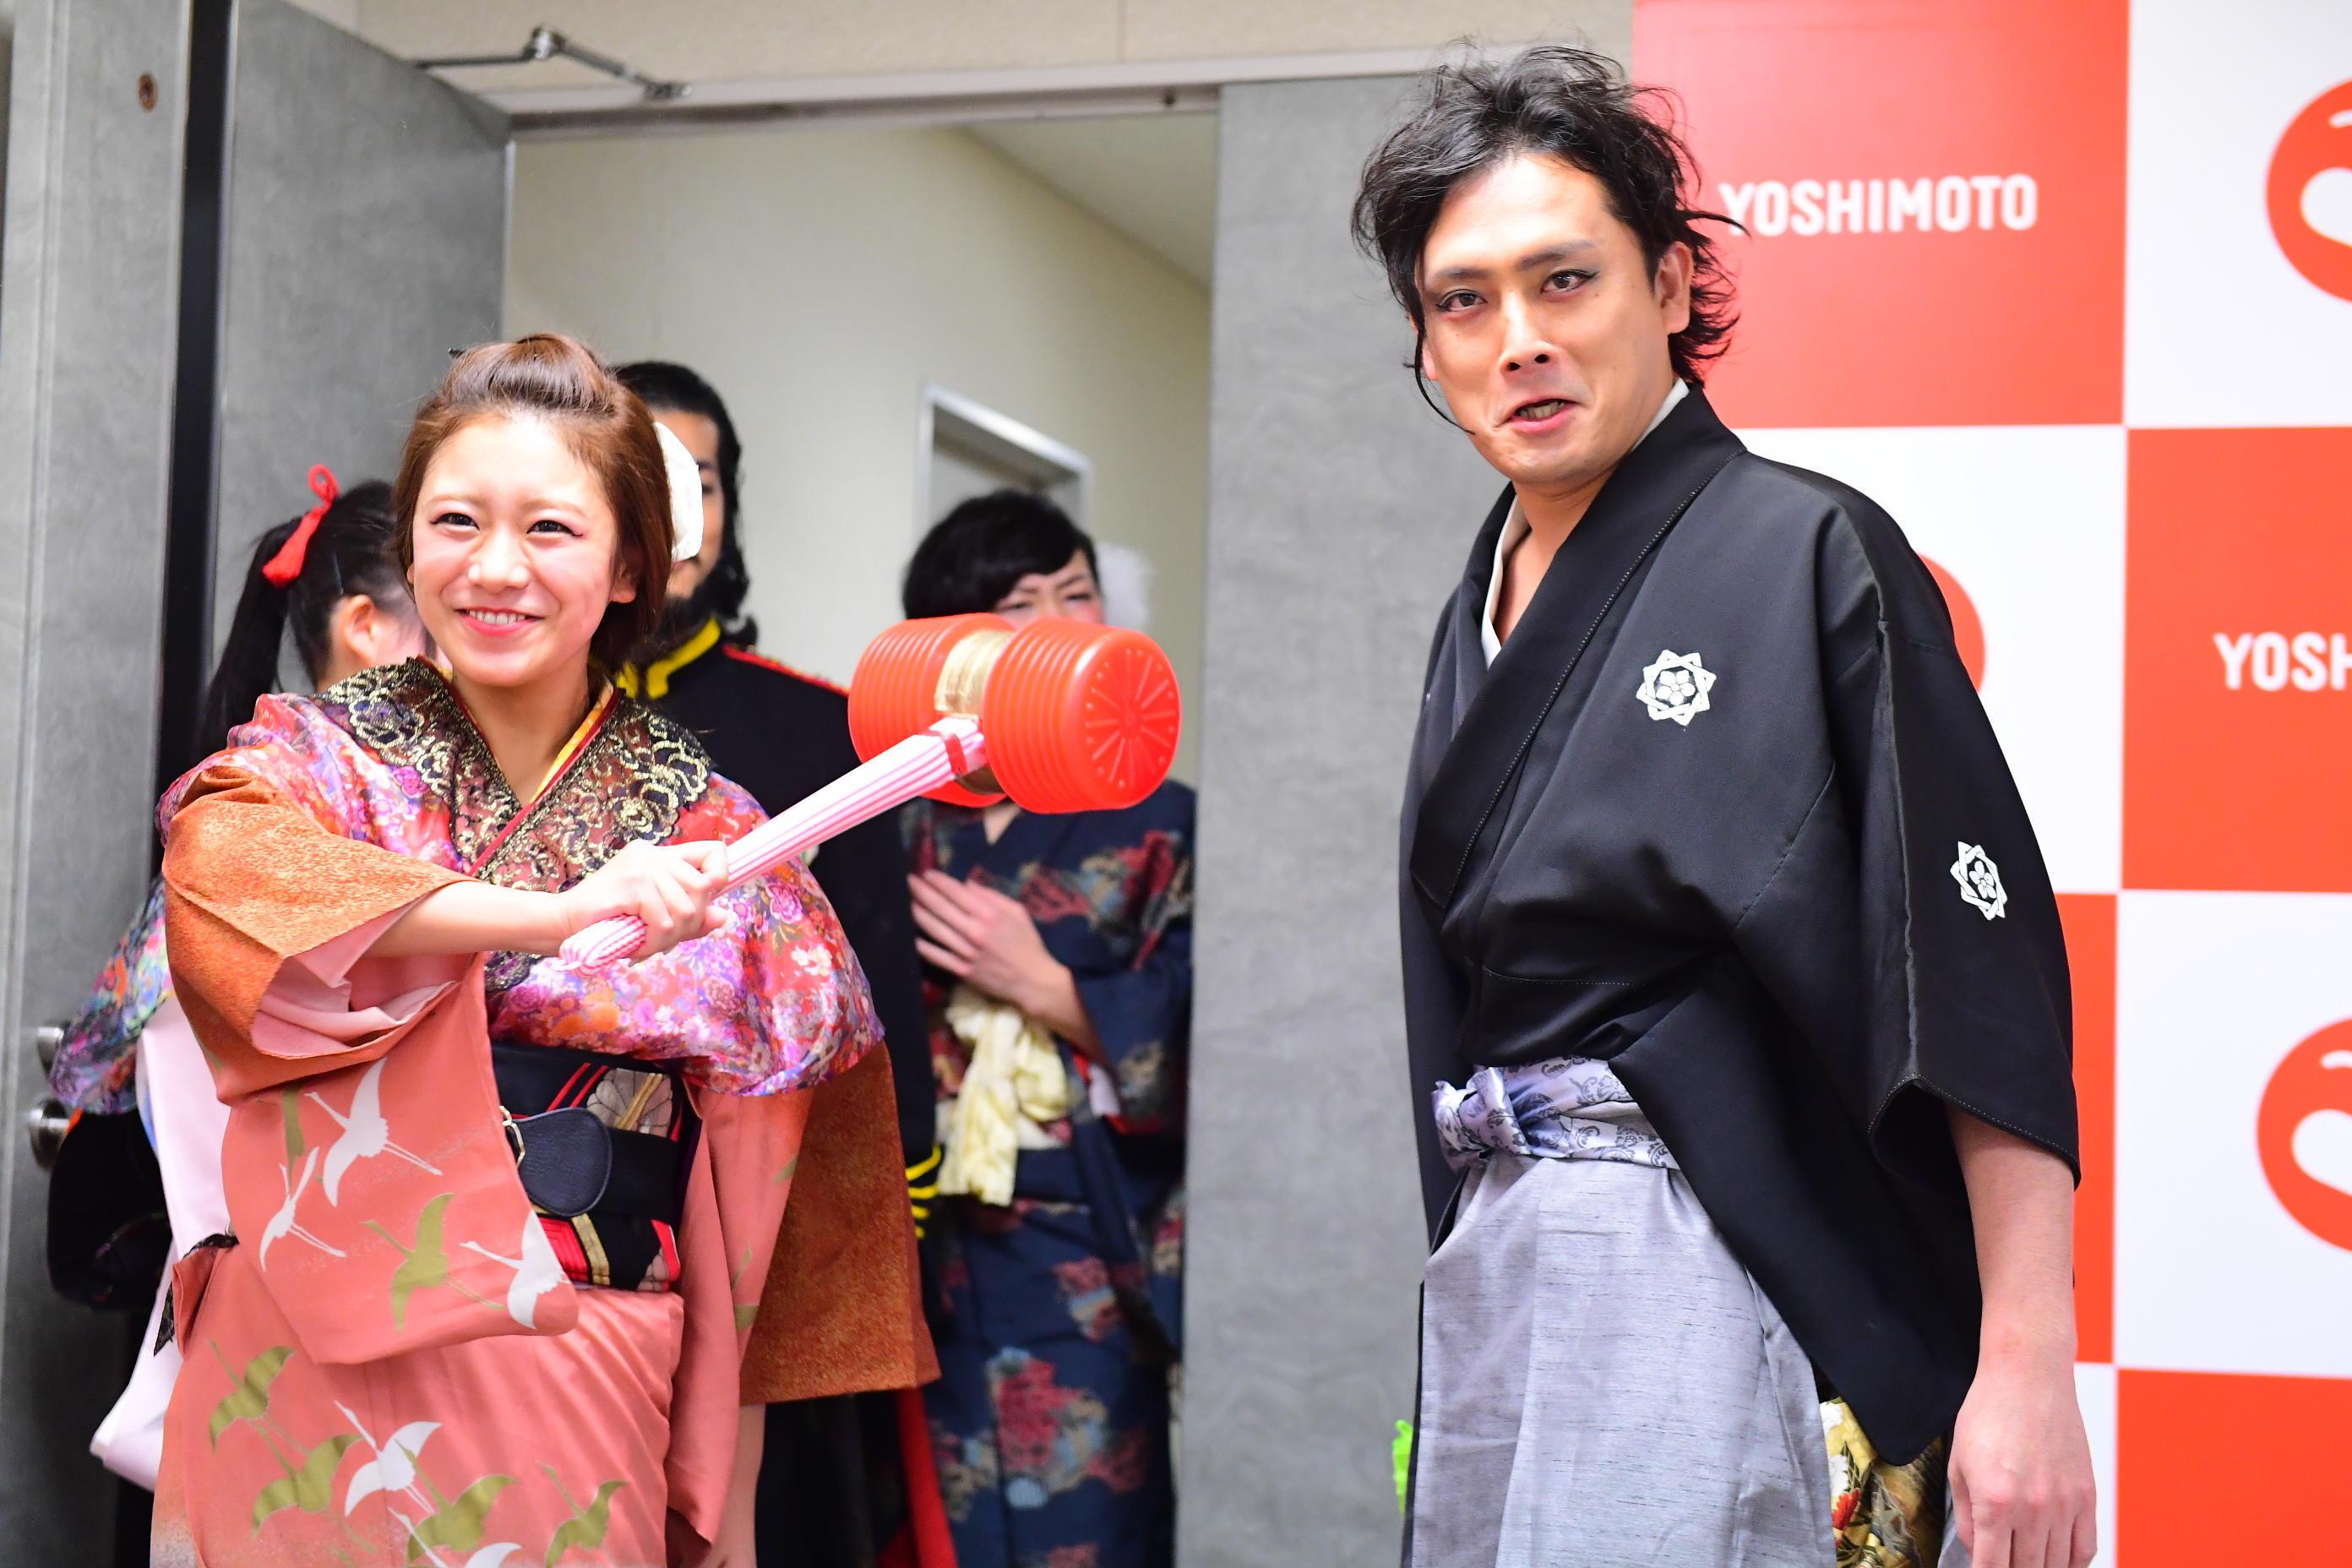 http://news.yoshimoto.co.jp/20170223194021-e12946a1bf19bf78c3348a60ff67cb34893856a7.jpg